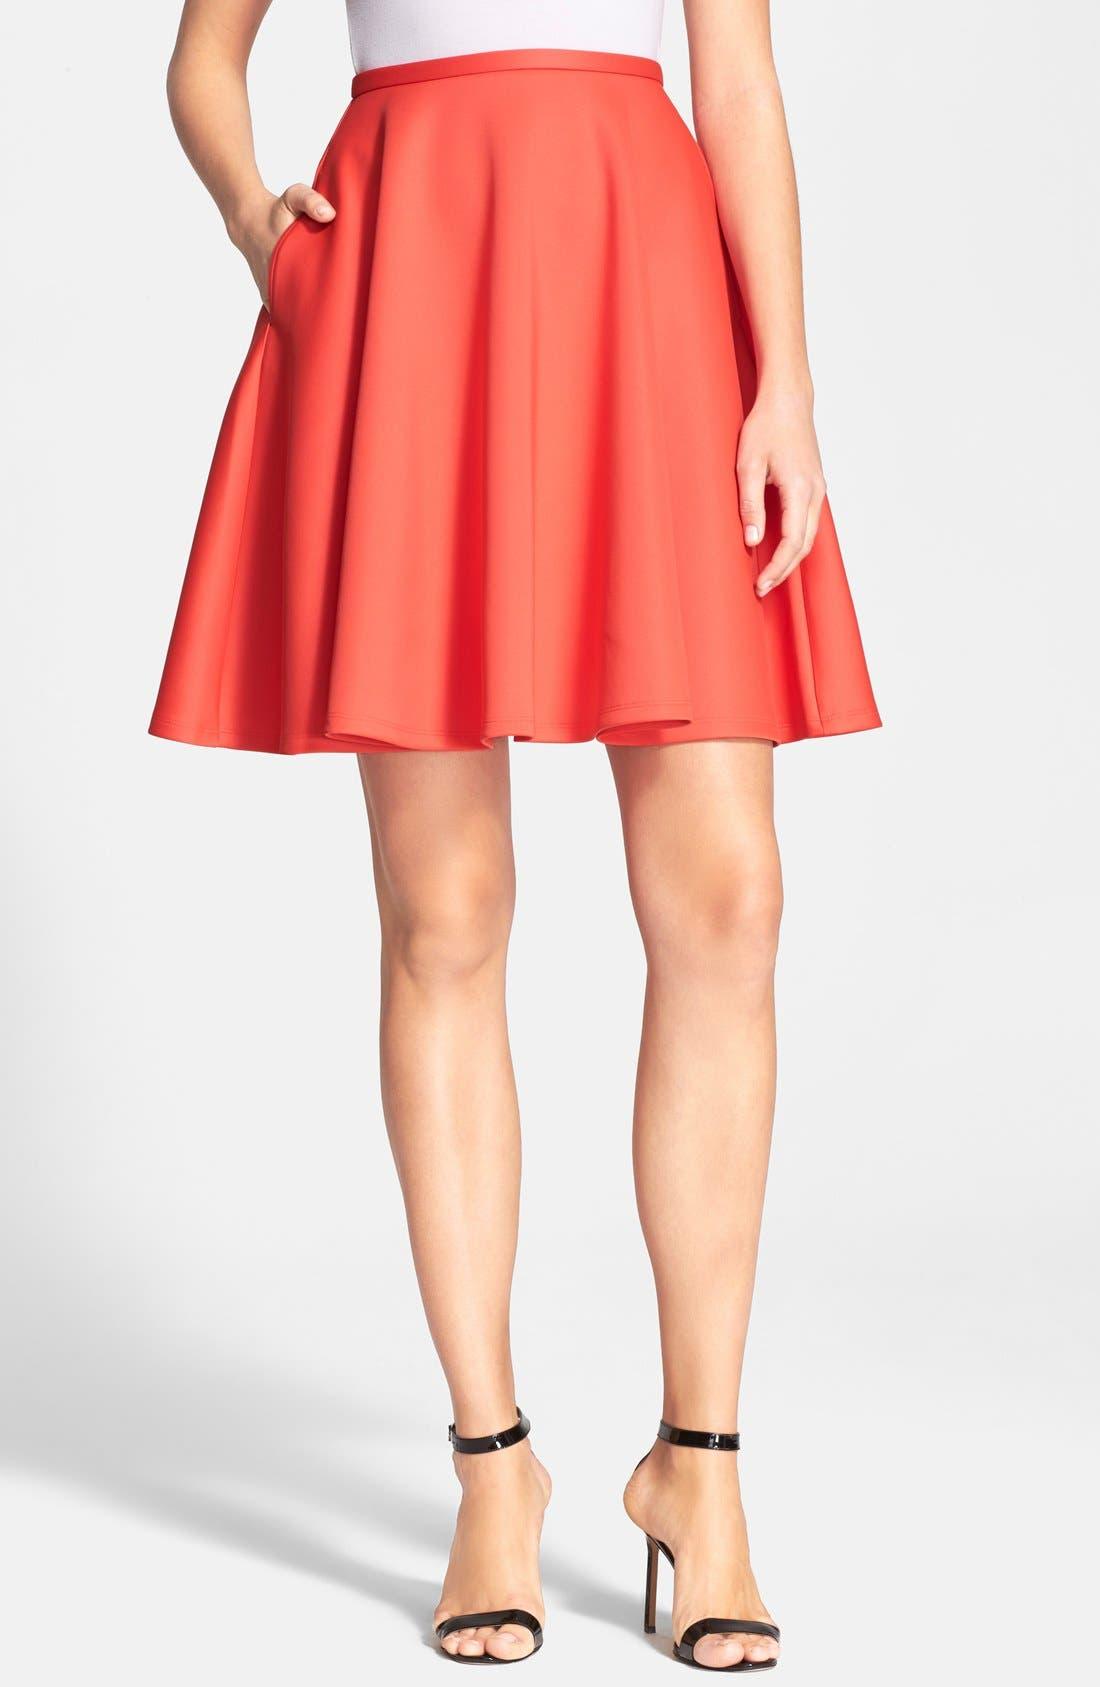 Alternate Image 1 Selected - Ted Baker London 'Miloca' Skater Skirt